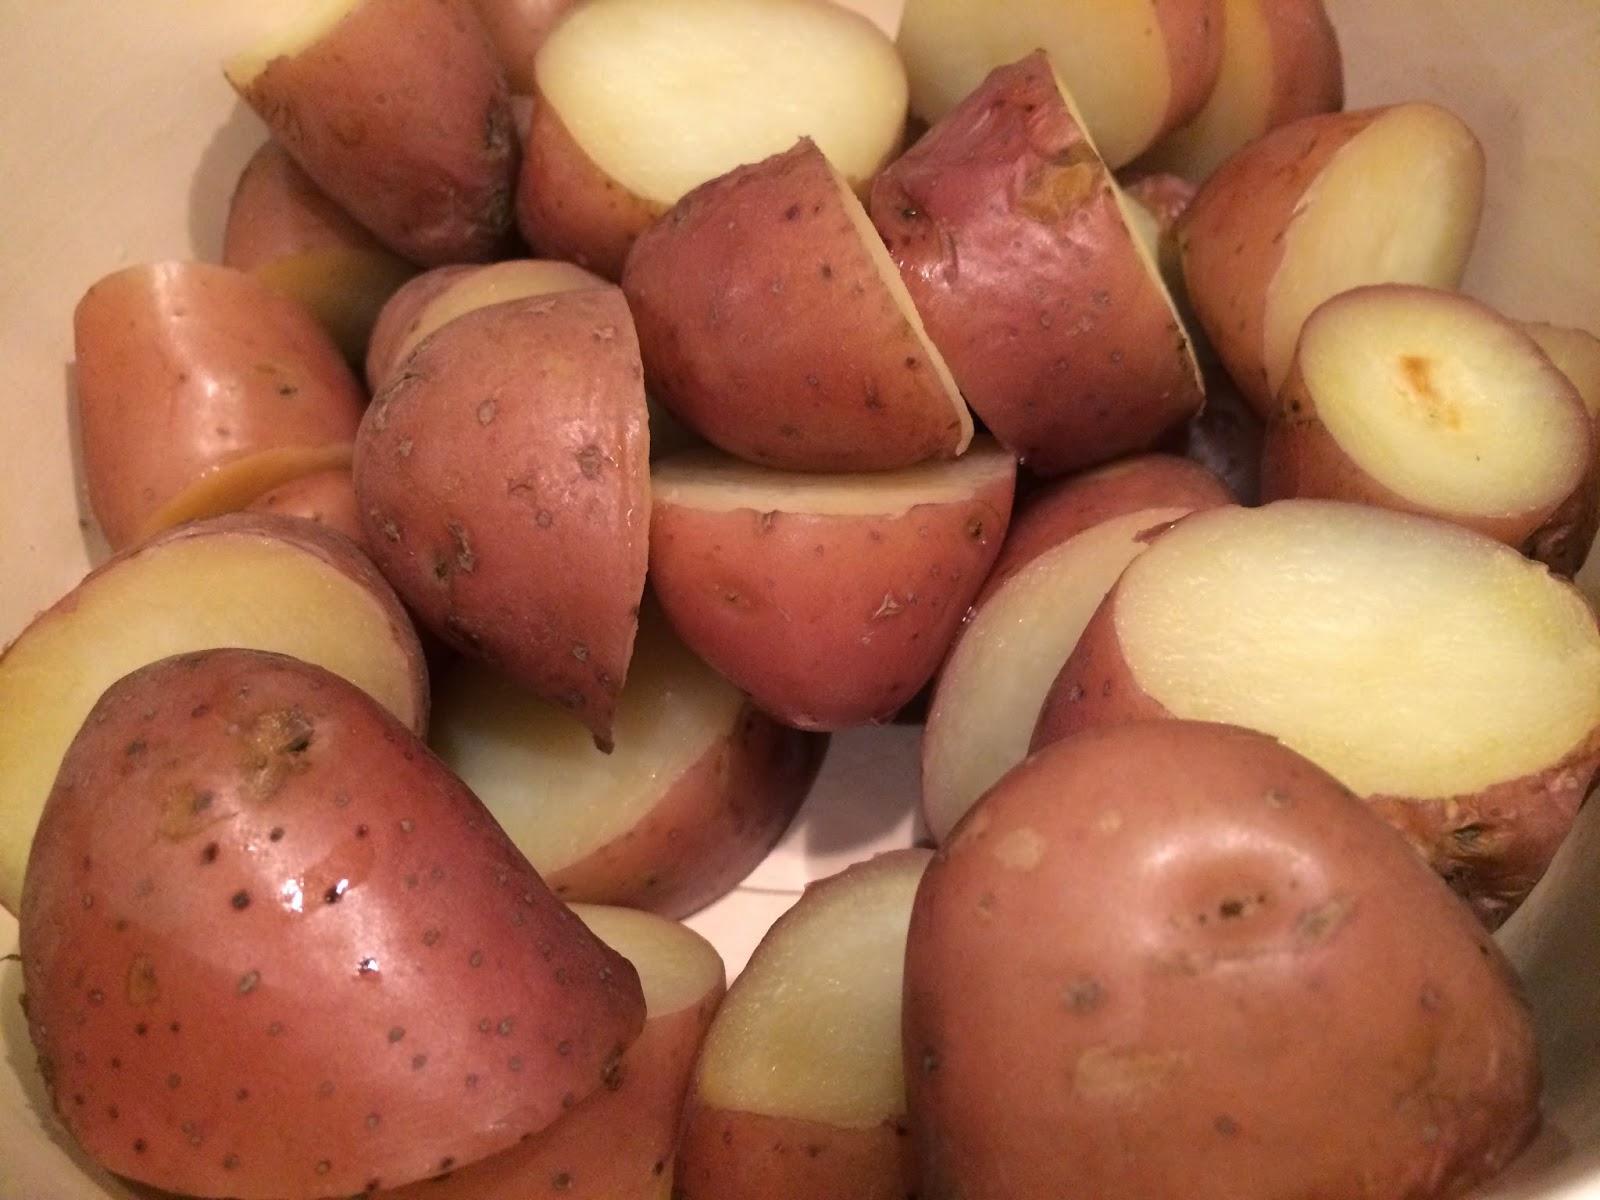 kleine aardappeltjes met schil